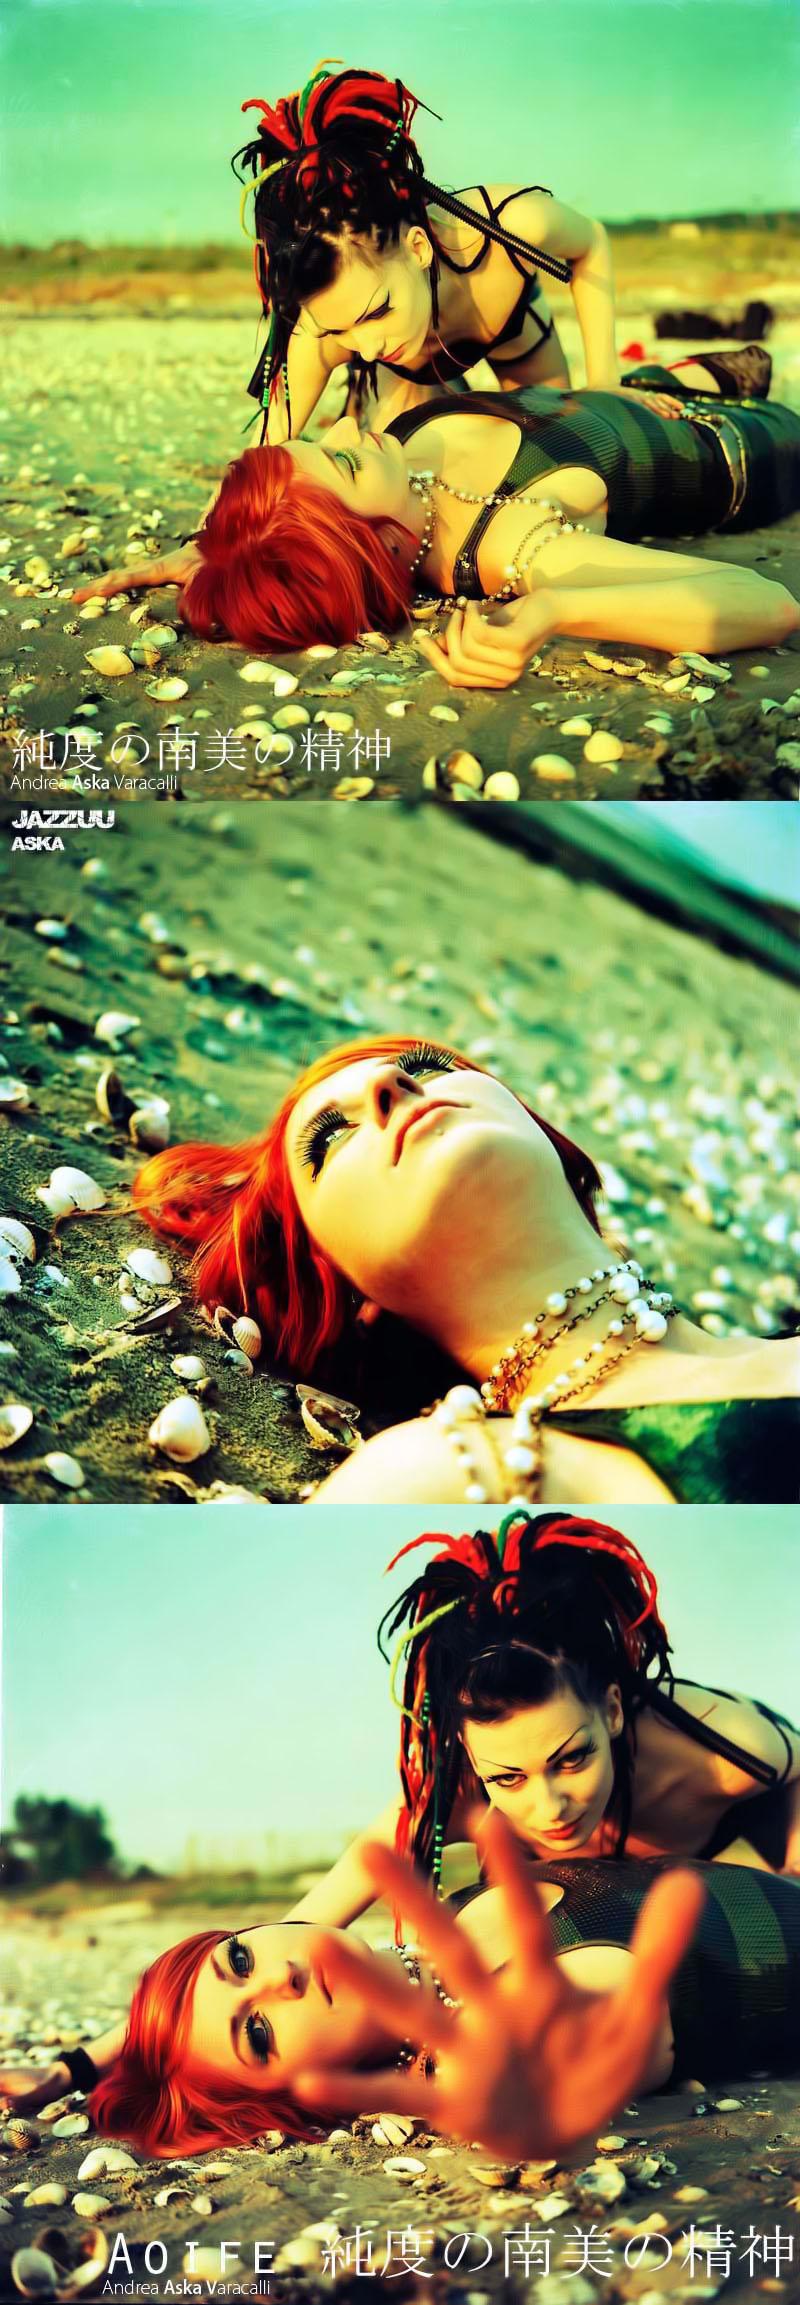 Ibiza Nov 22, 2009 Andrea Aska Varacalli Saffos Romance